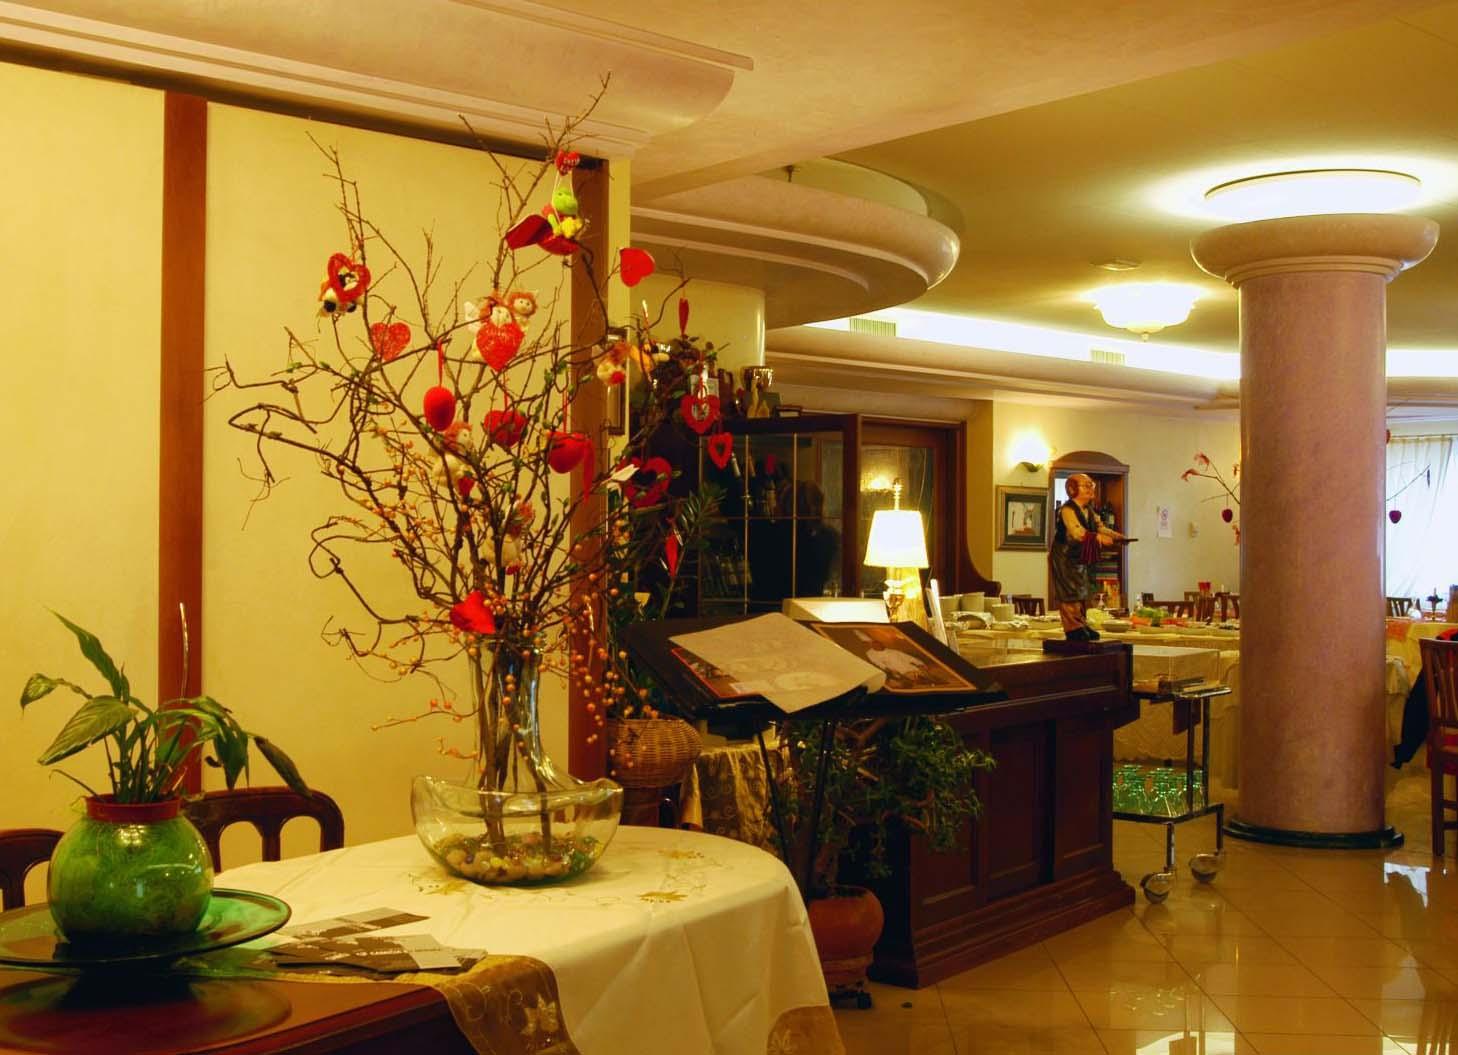 Hotel pedrocchi asiago vimar energia positiva for Spa ad asiago